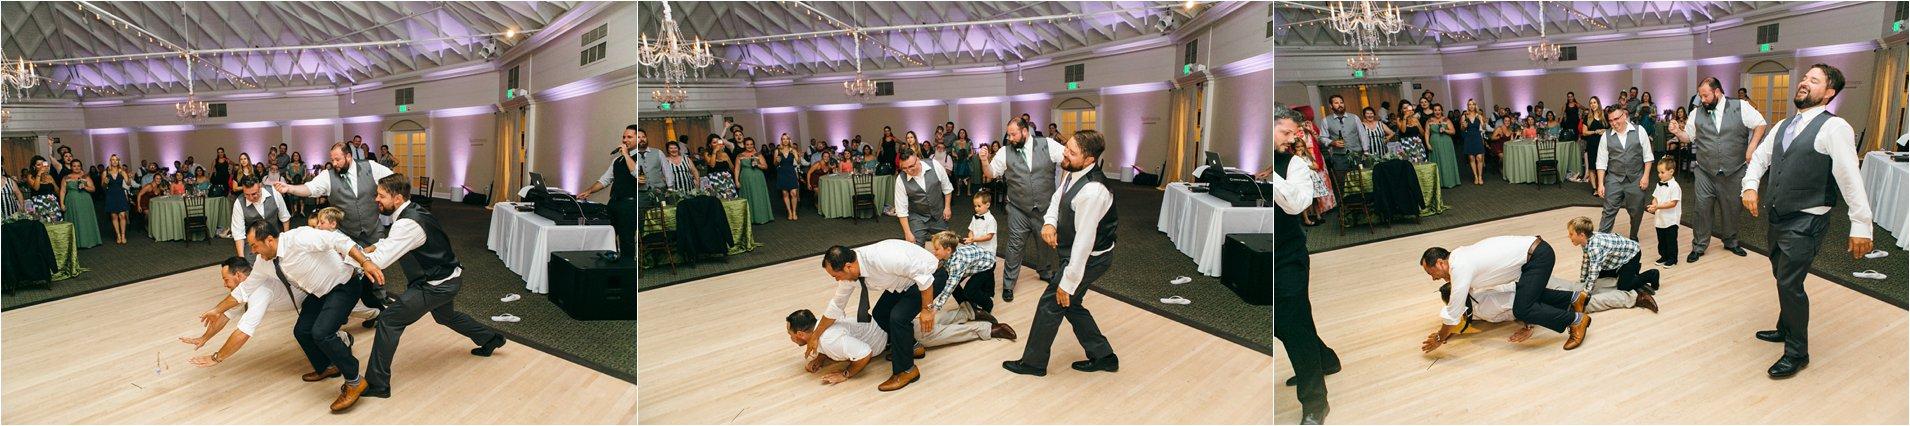 Wedding Reception Garter Toss